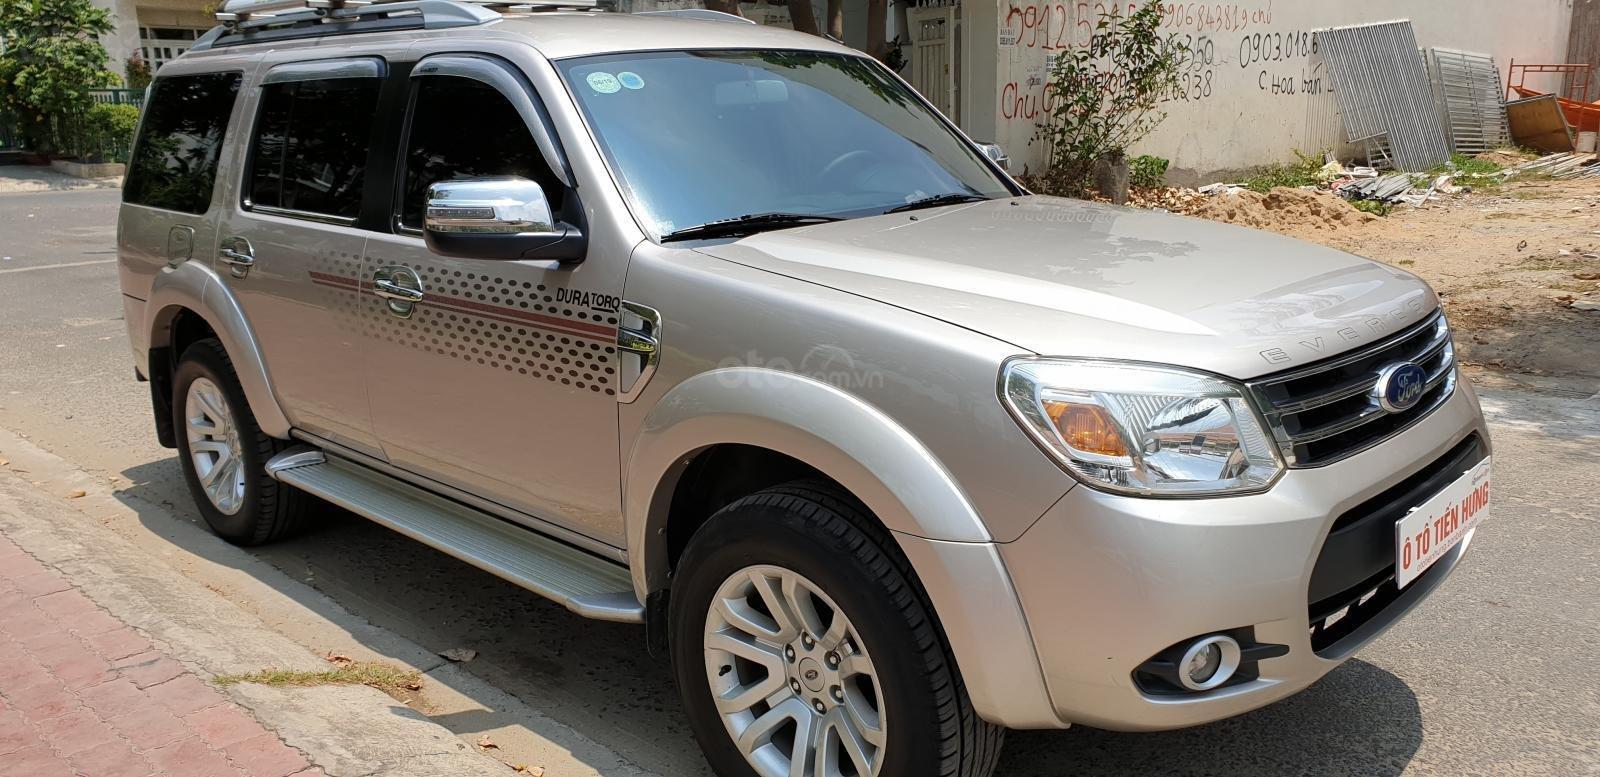 Bán Ford Everest máy dầu 2.5 số sàn model 2014 đời T12/2013, màu ghi vàng mới 90%-2